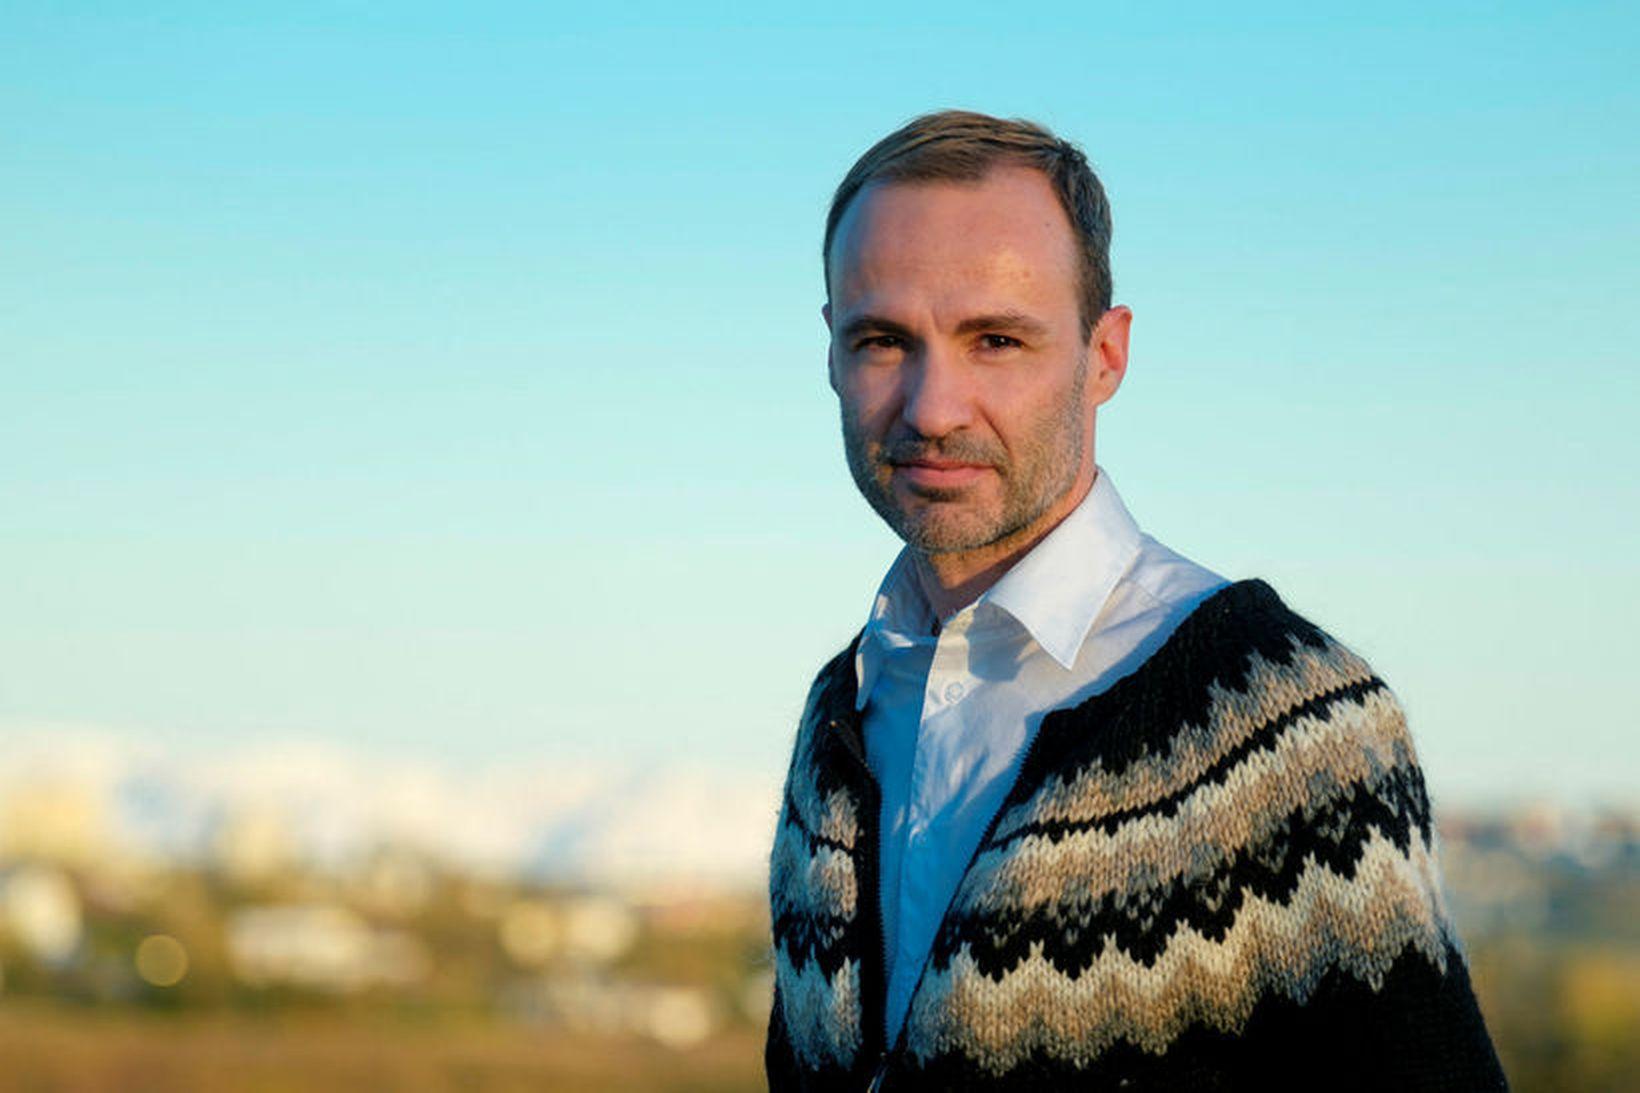 Jordi Pujola býr á Íslandi með íslenskri eiginkonu sinni og …